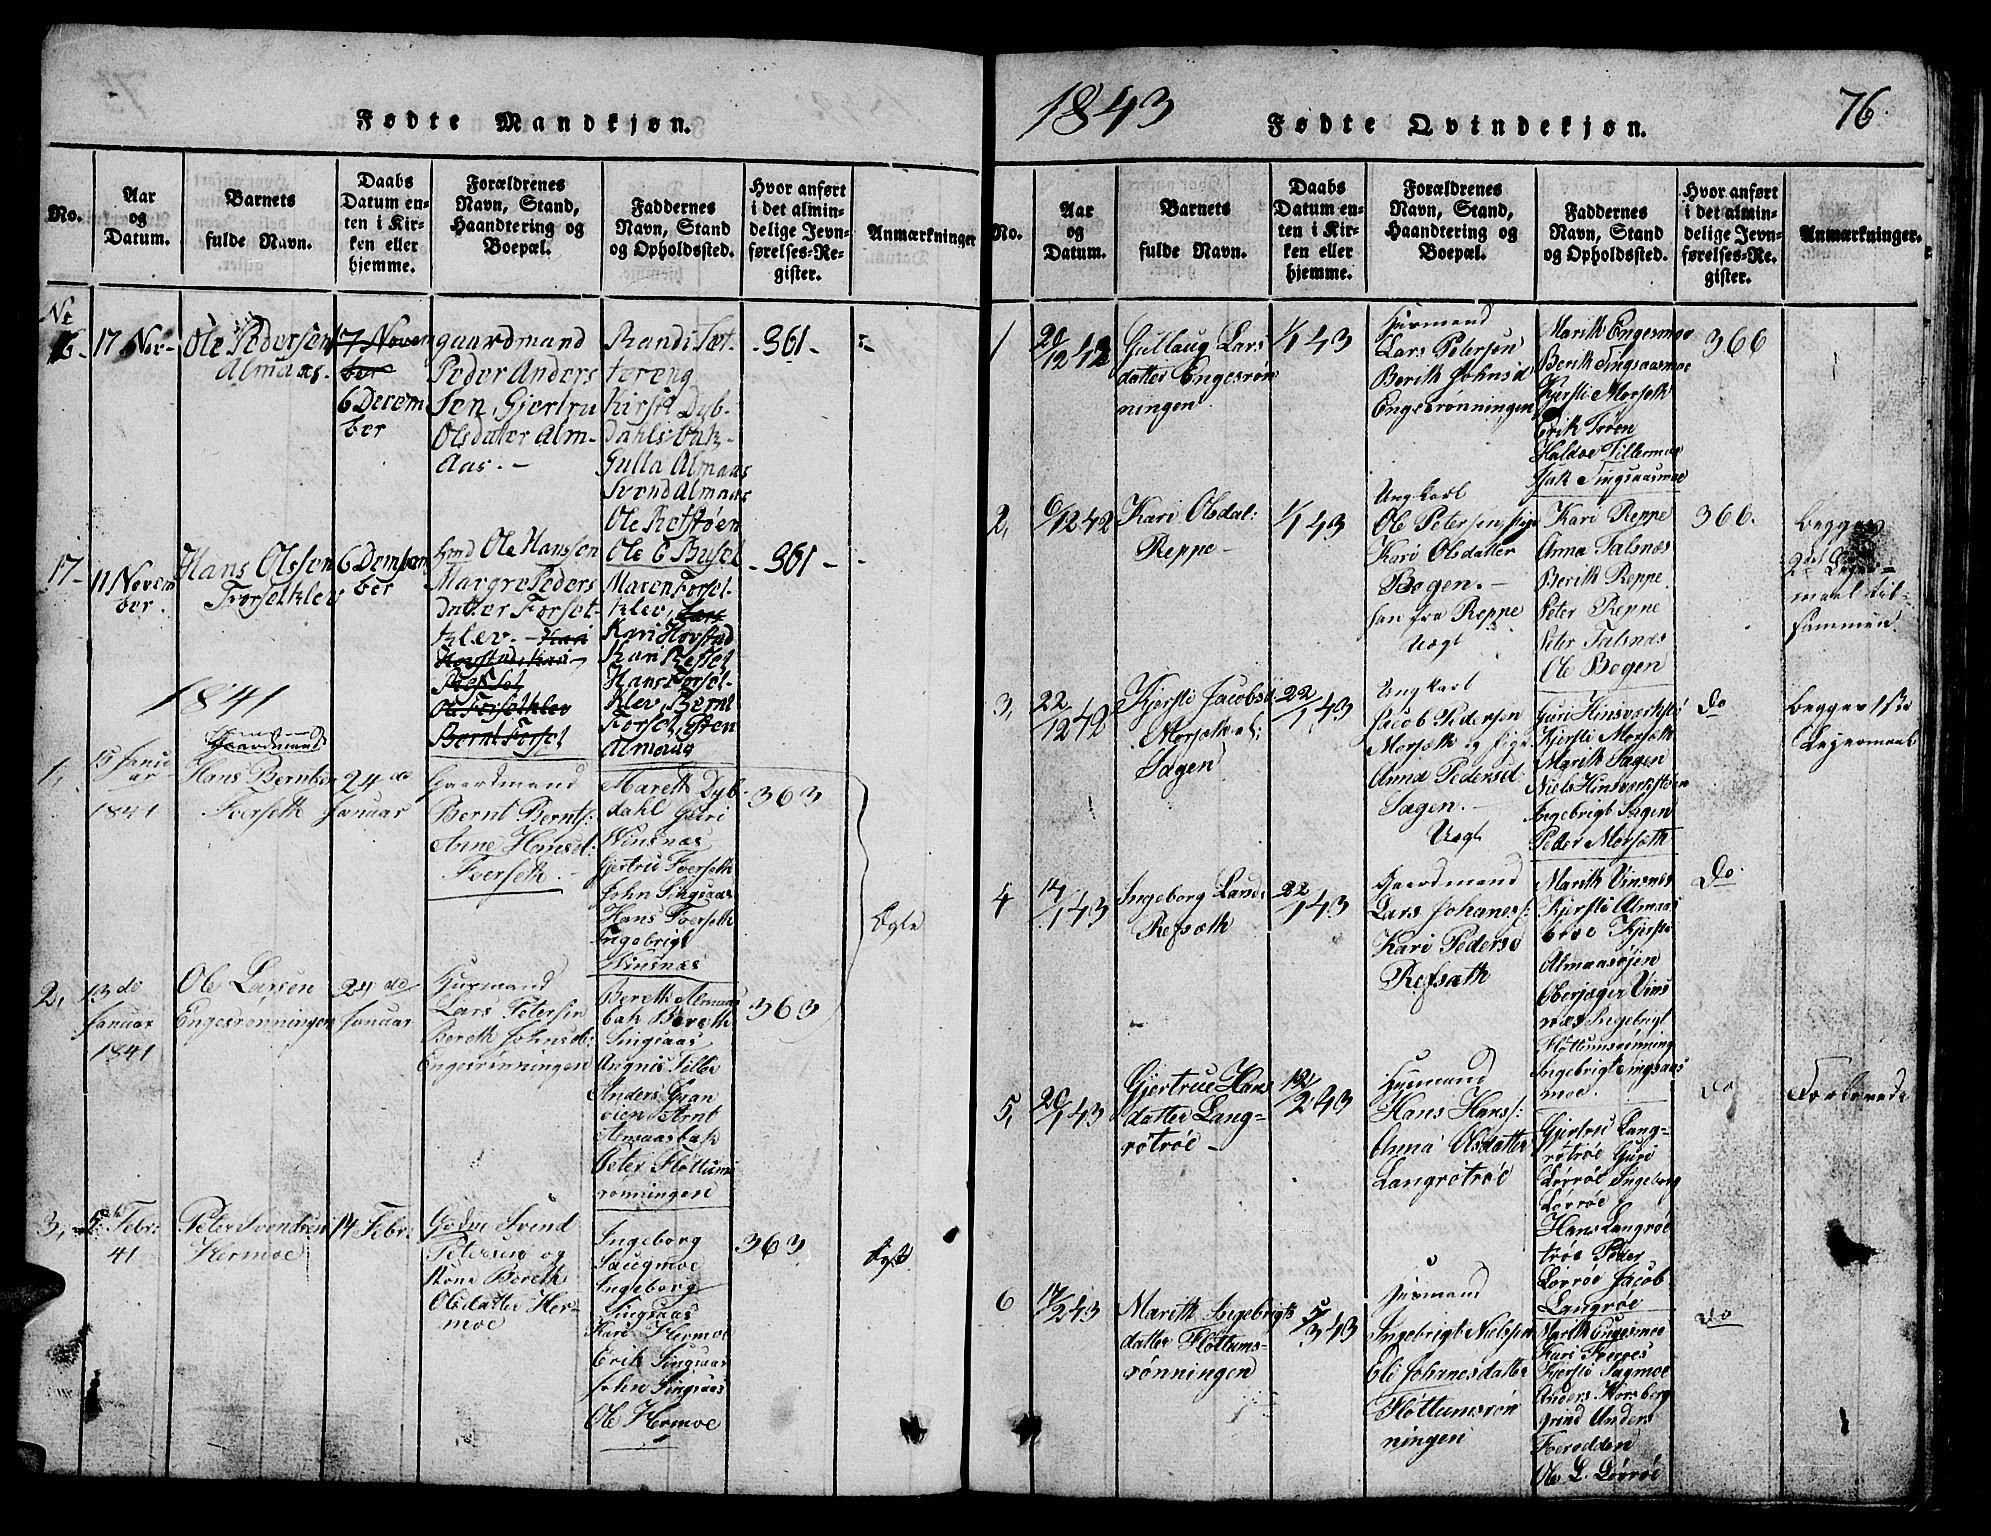 SAT, Ministerialprotokoller, klokkerbøker og fødselsregistre - Sør-Trøndelag, 688/L1026: Klokkerbok nr. 688C01, 1817-1860, s. 76